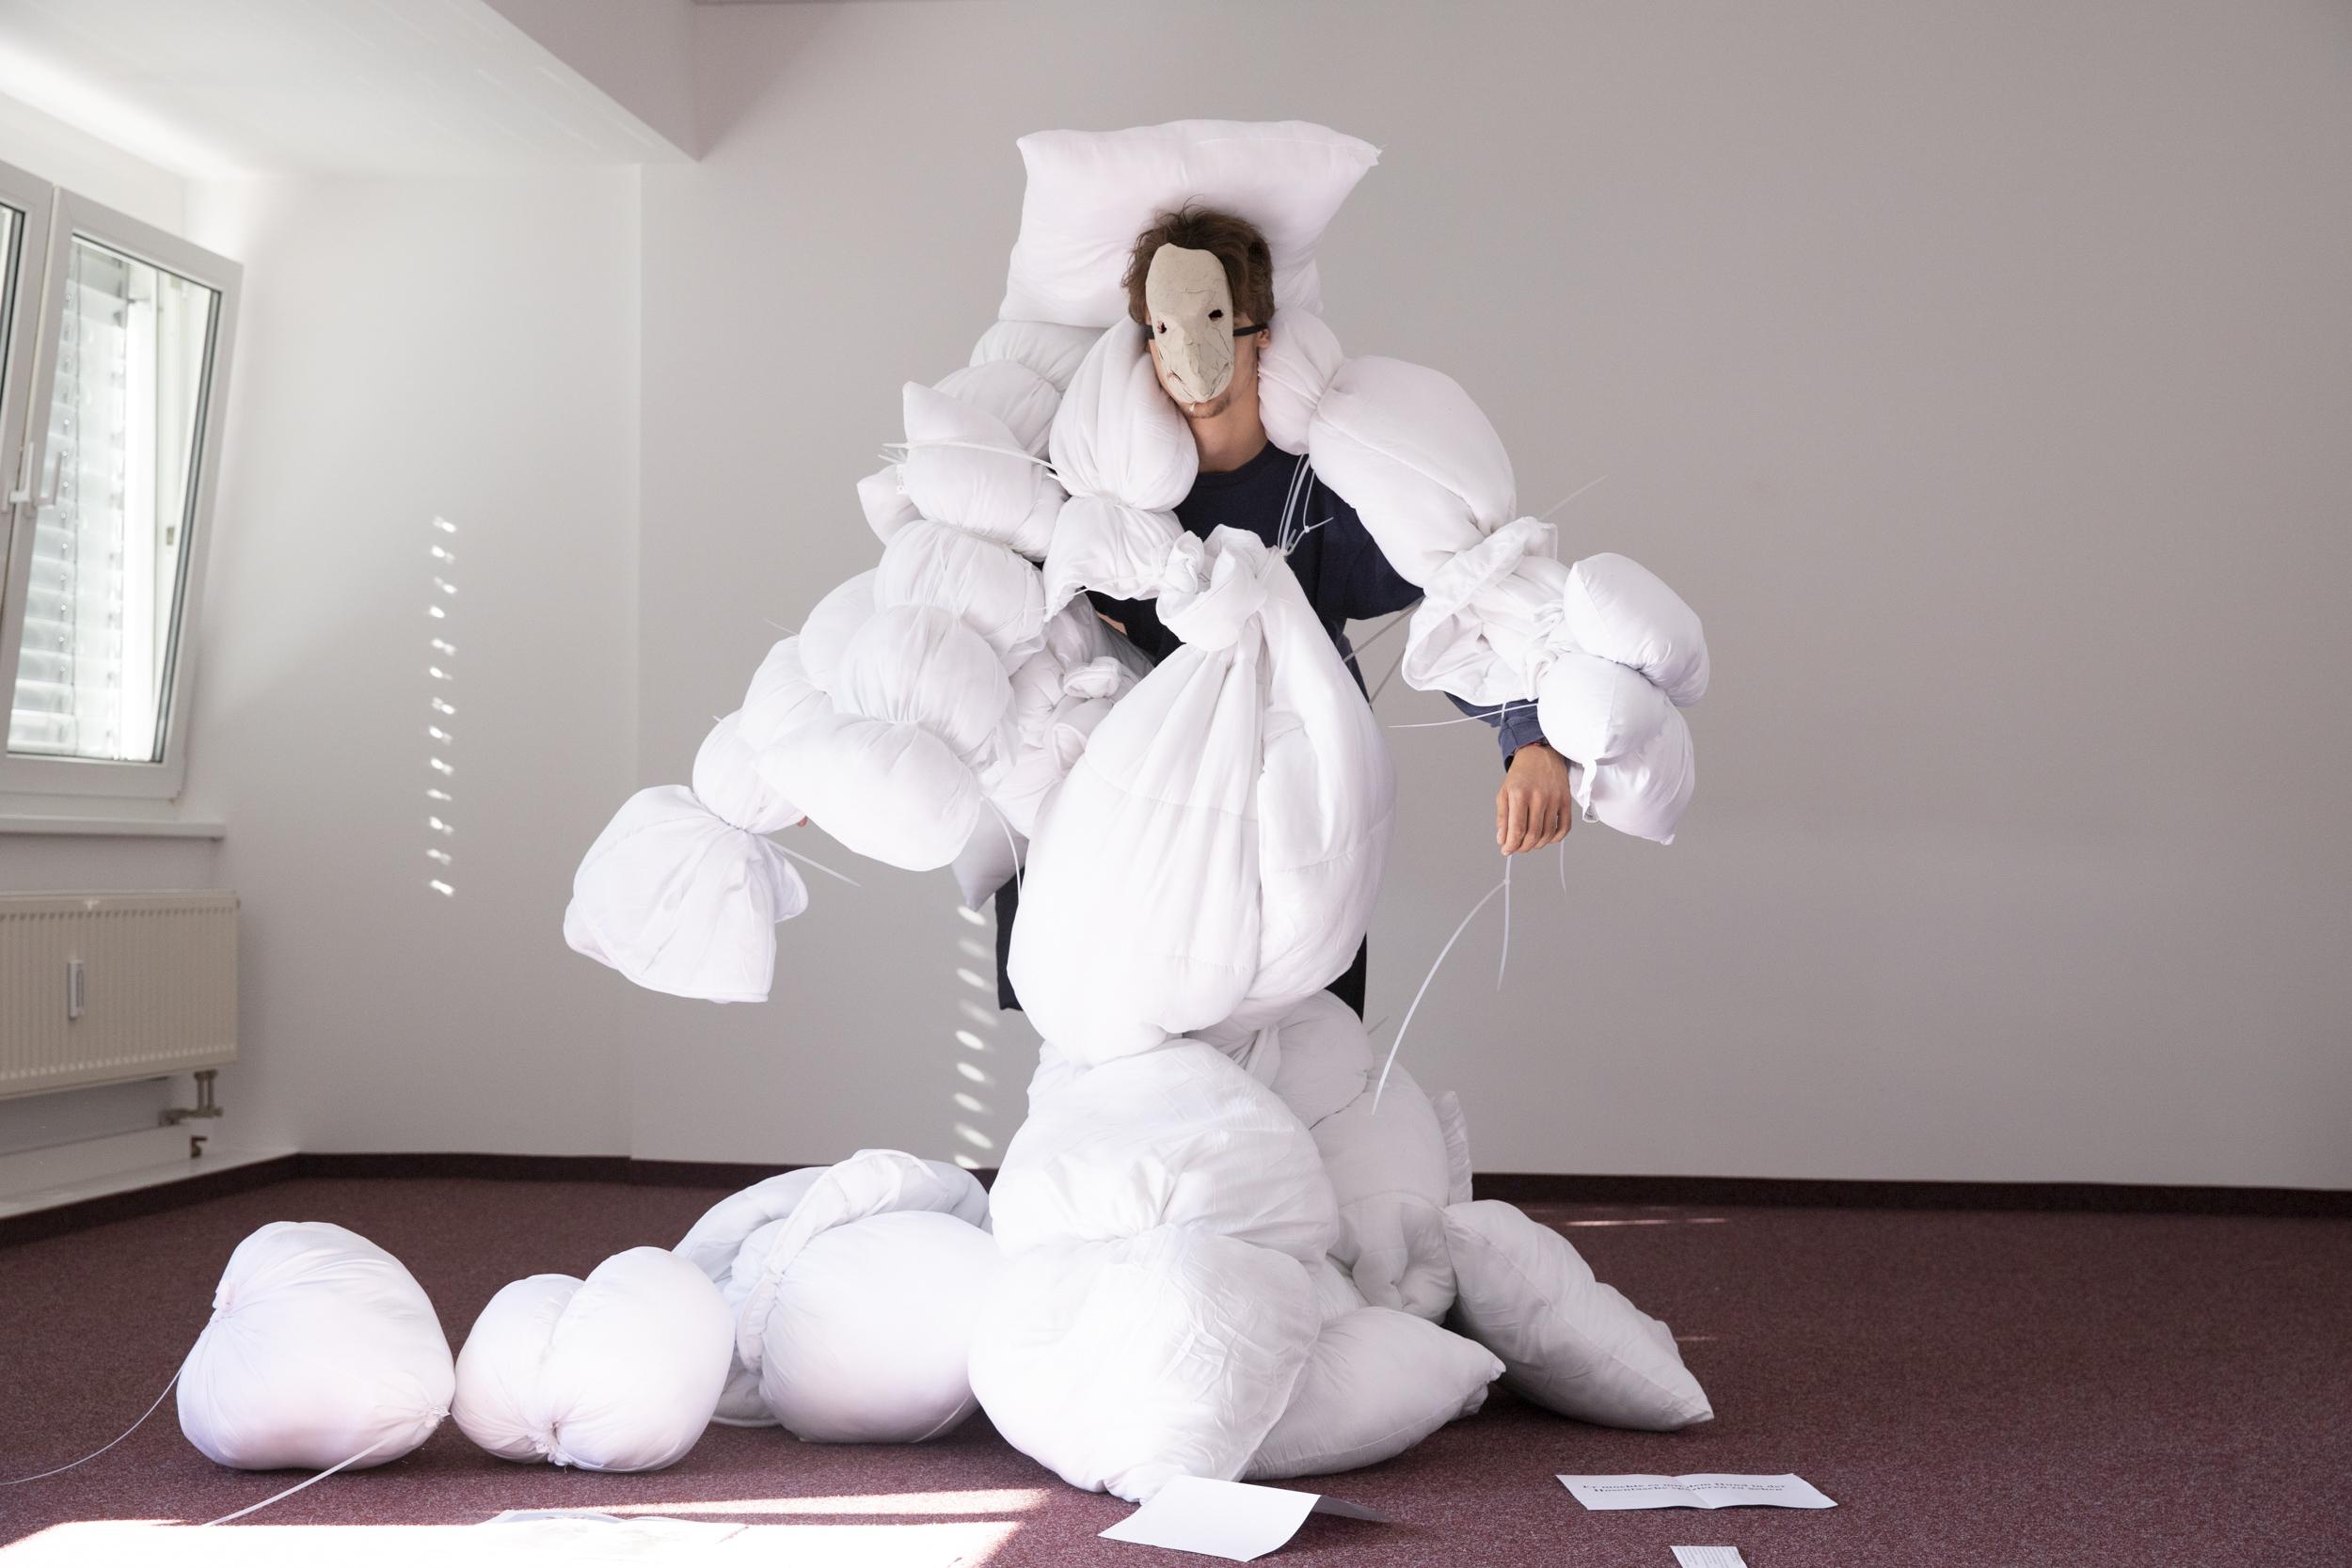 Mensch mit weißer Maske, der ein Kostüm aus weißen zusammengebundenen Decken trägt. Die Gliedmaßen wirken dadurch aufgeblasen und riesig.